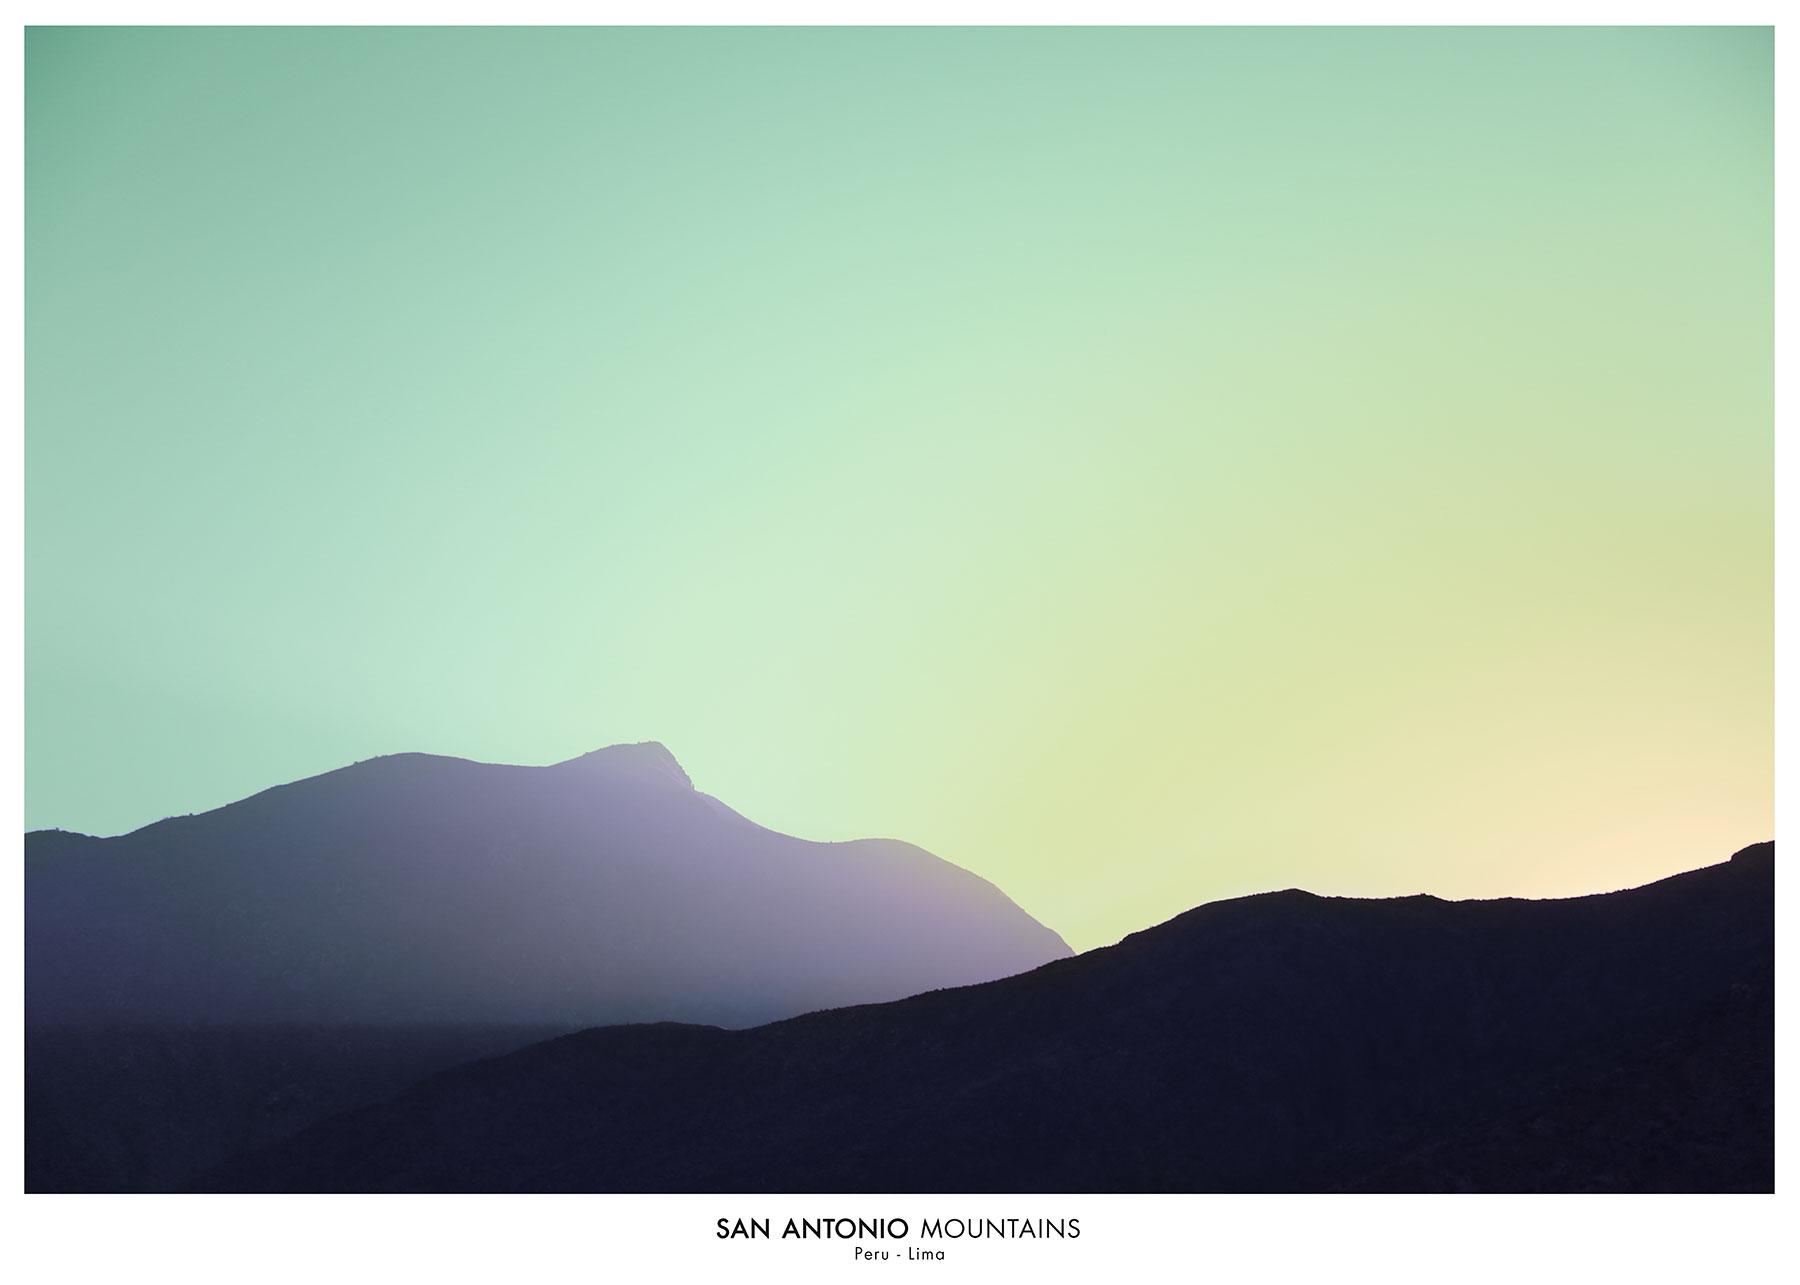 San Antonio Mountains